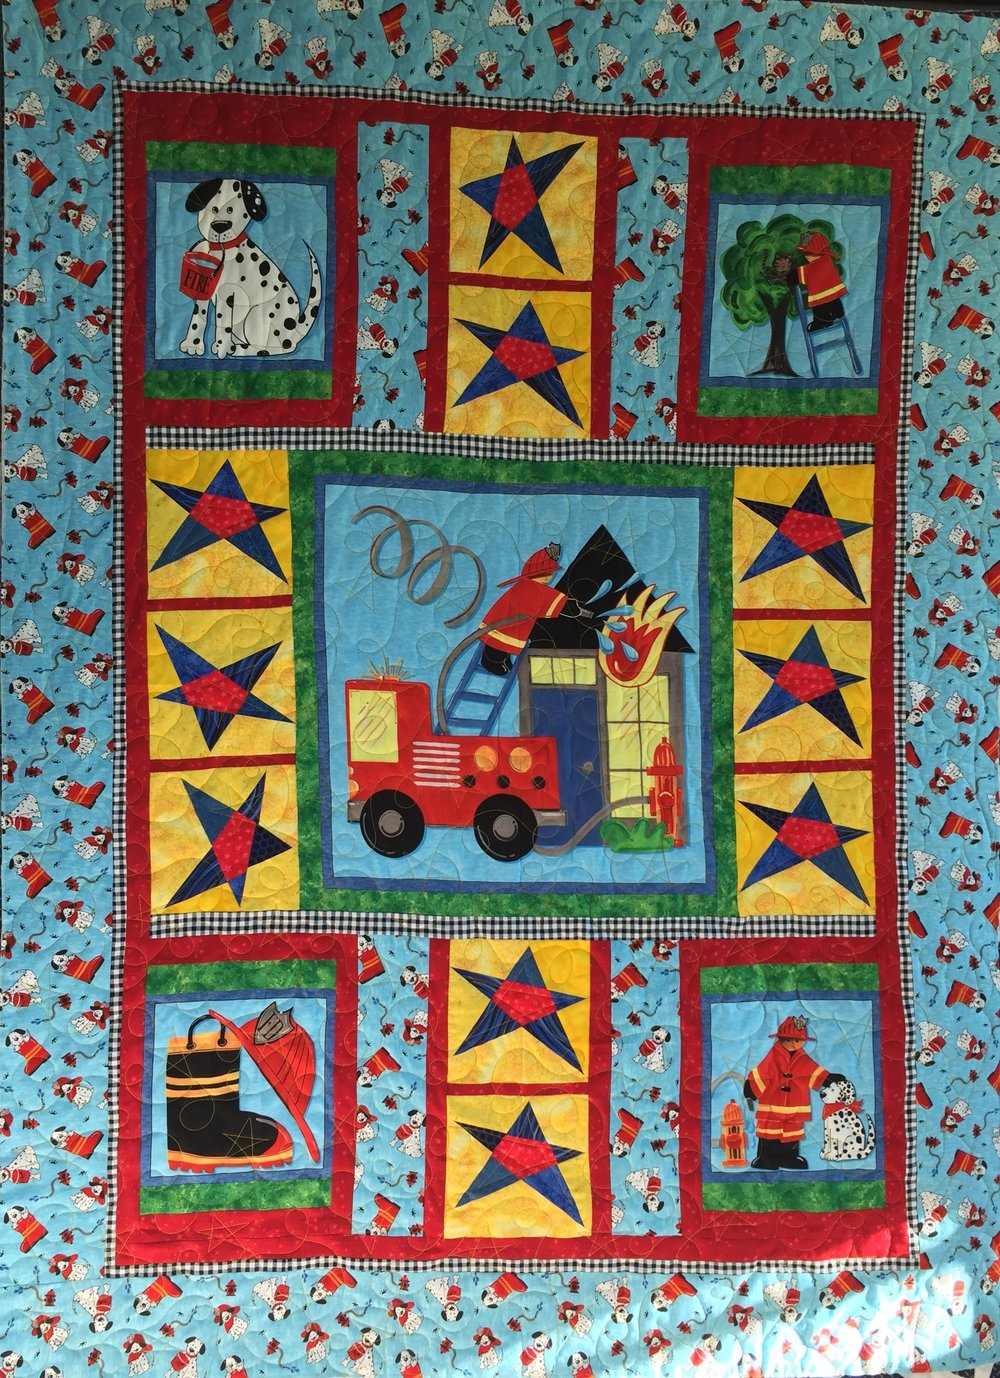 Fireman Baby quilt (Dec 2018)